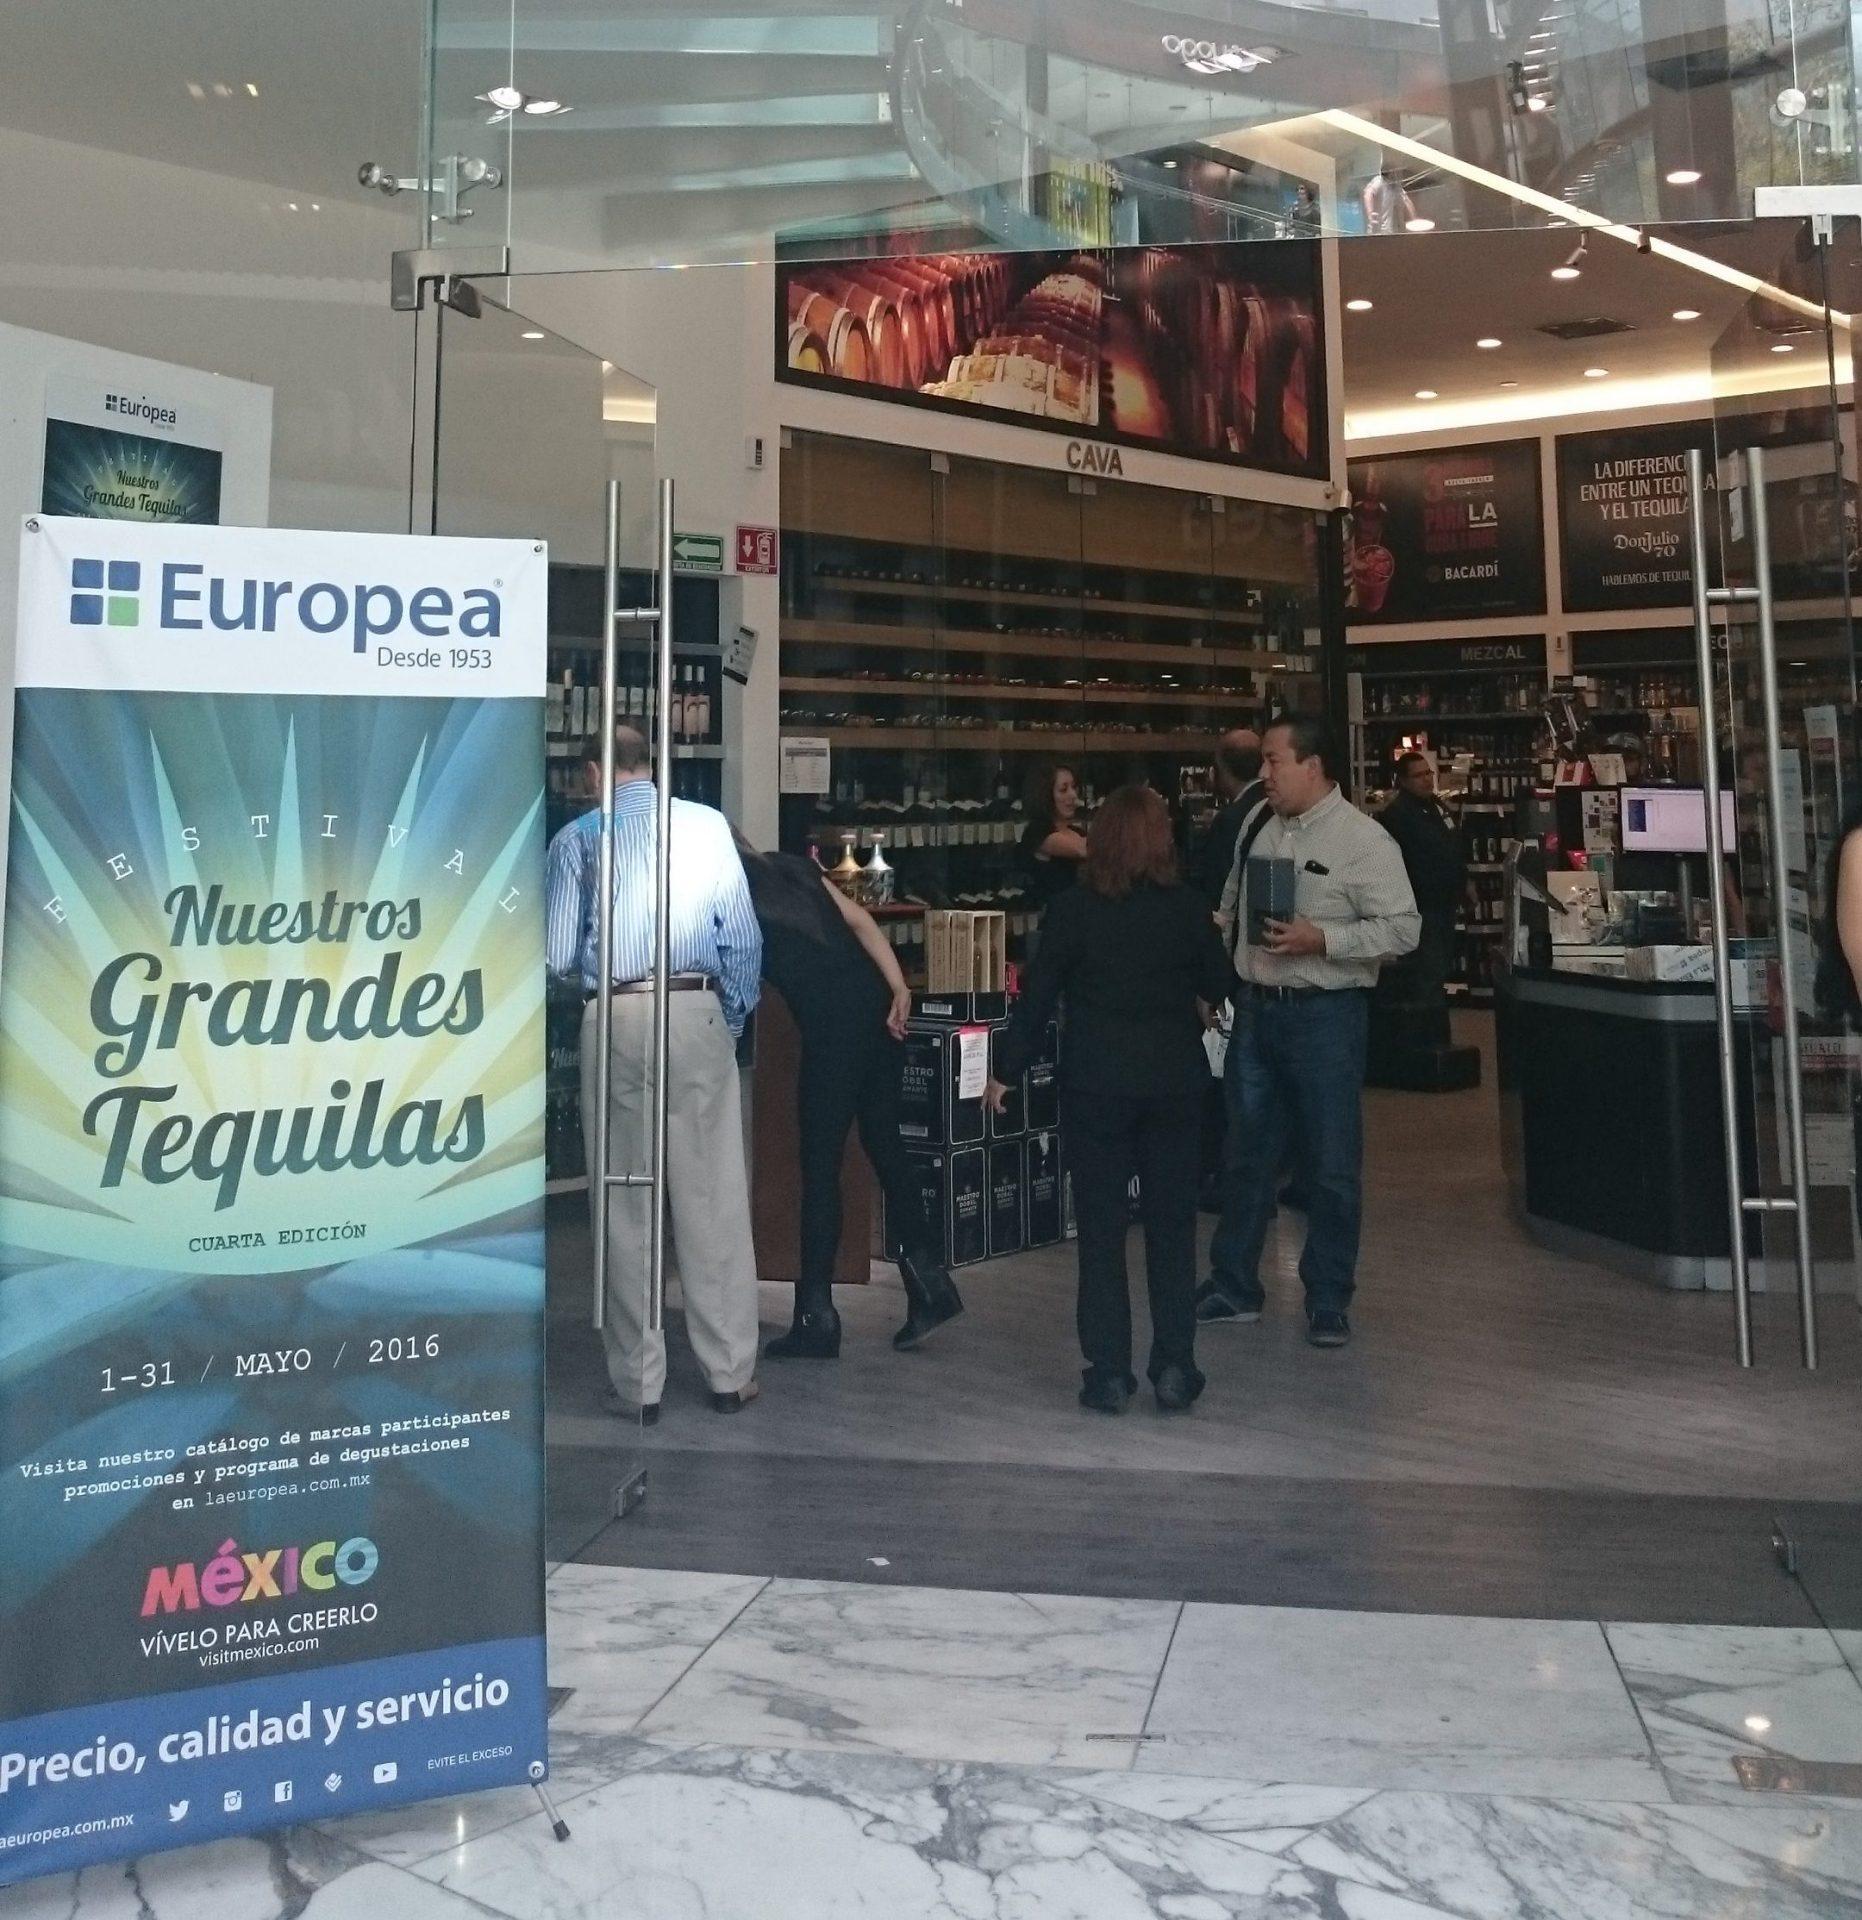 La Europea celebra a los grandes tequilas